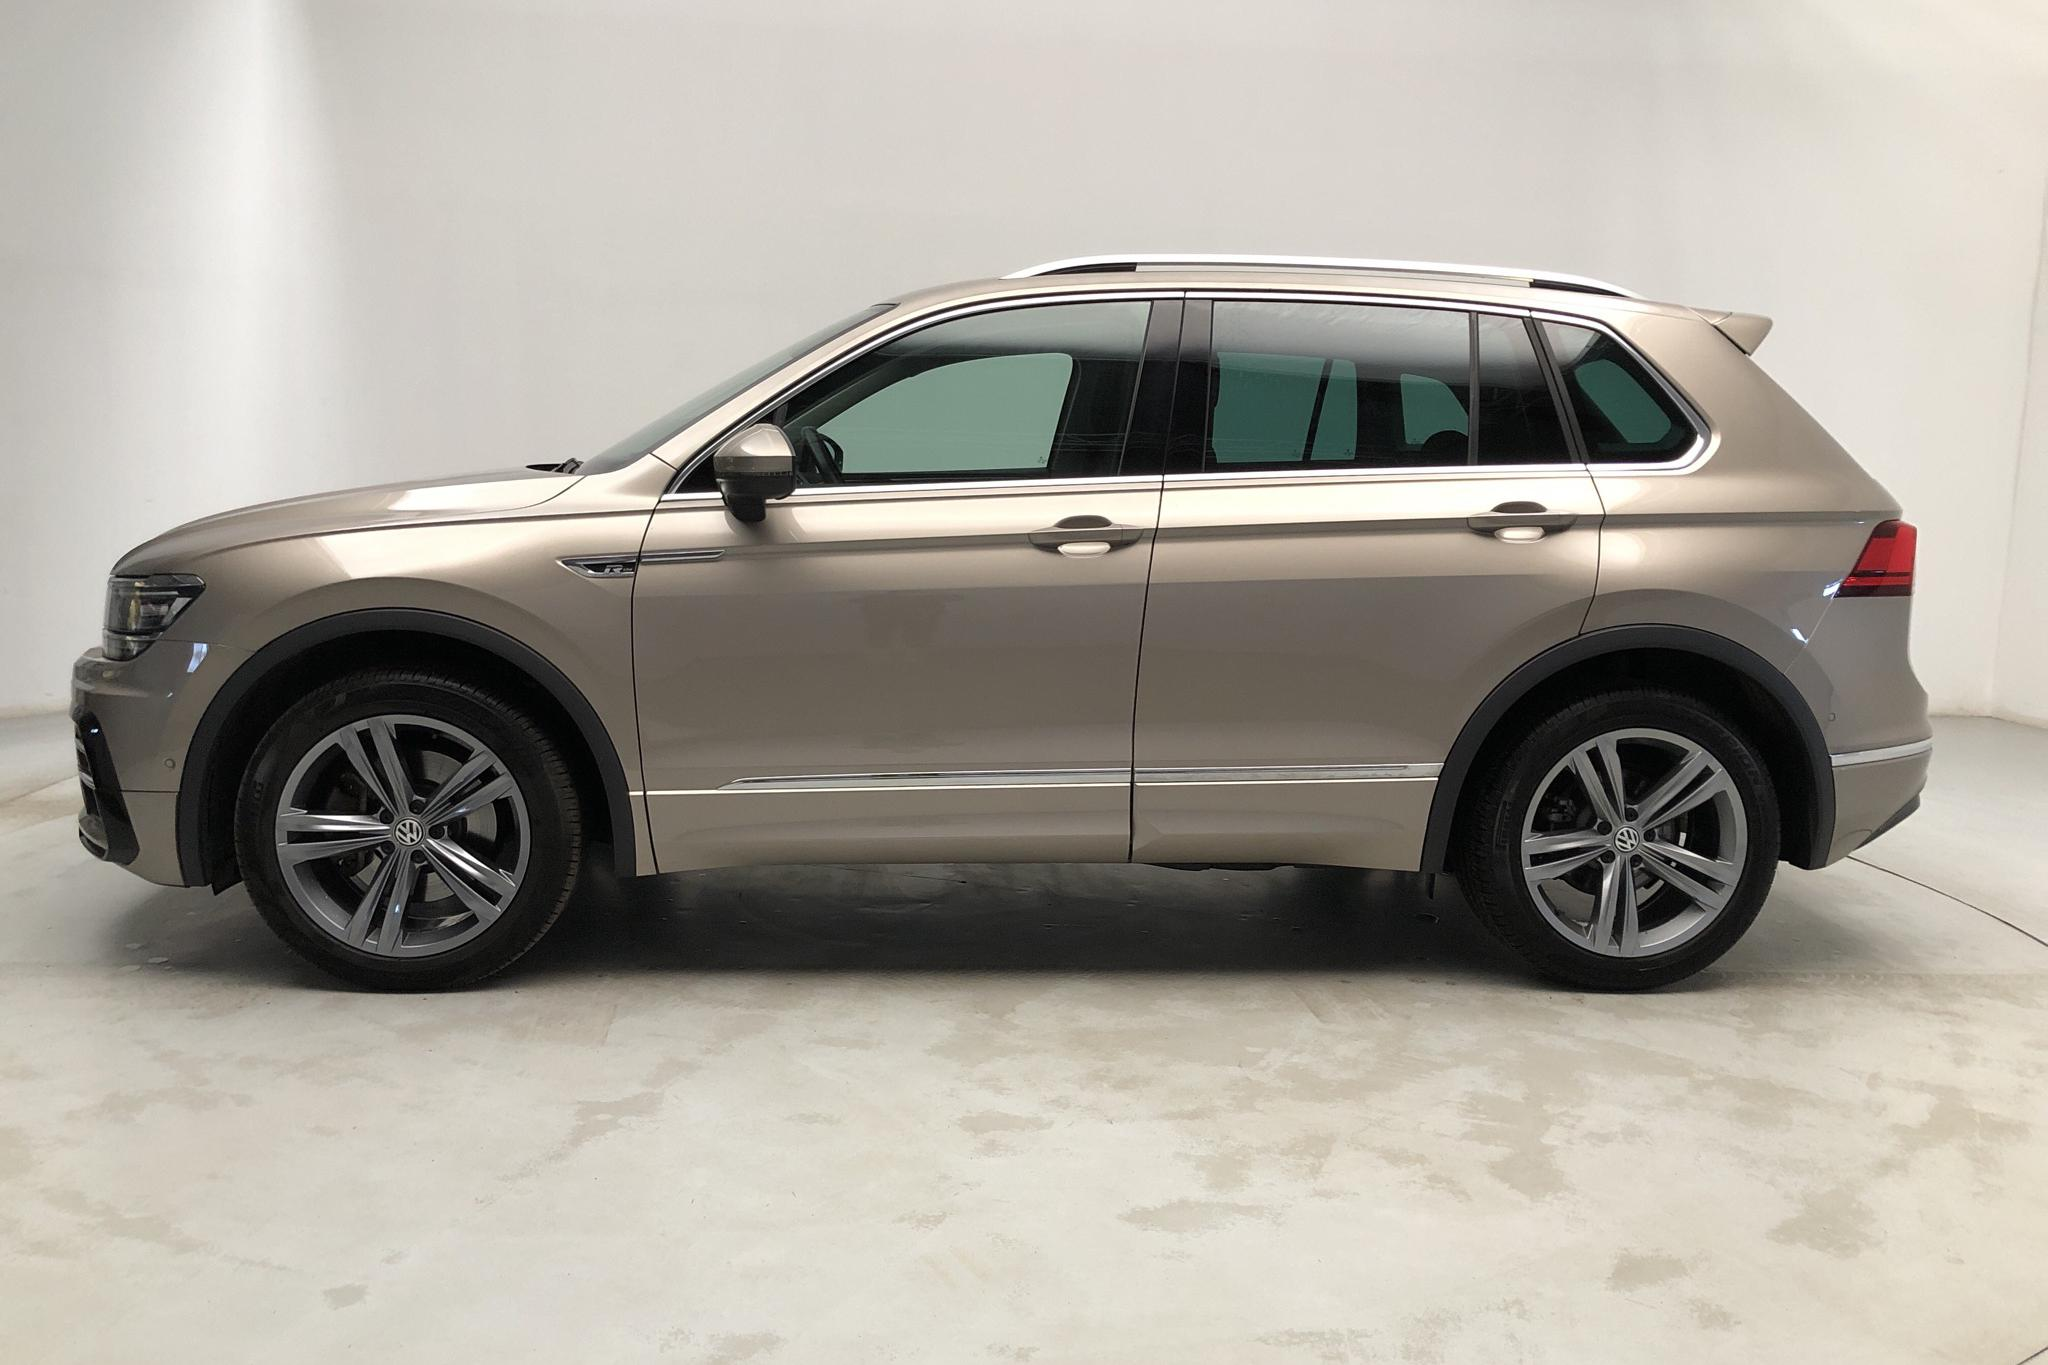 VW Tiguan 2.0 TSI 4MOTION (180hk) - 42 360 km - Automatic - Light Brown - 2018